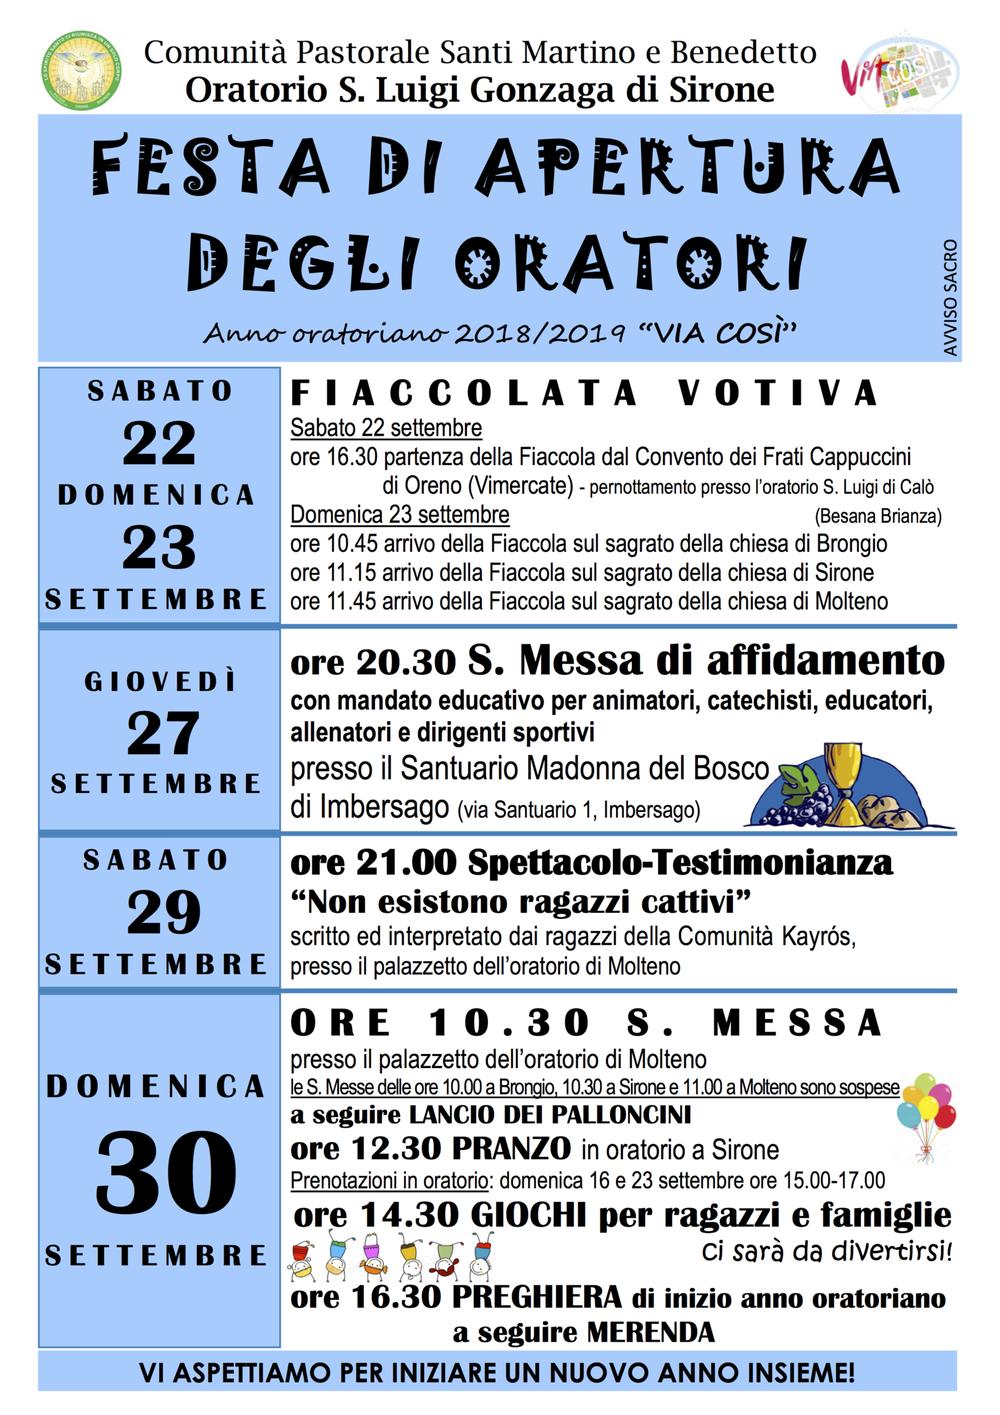 2018-apertura-oratorio-sirone.png